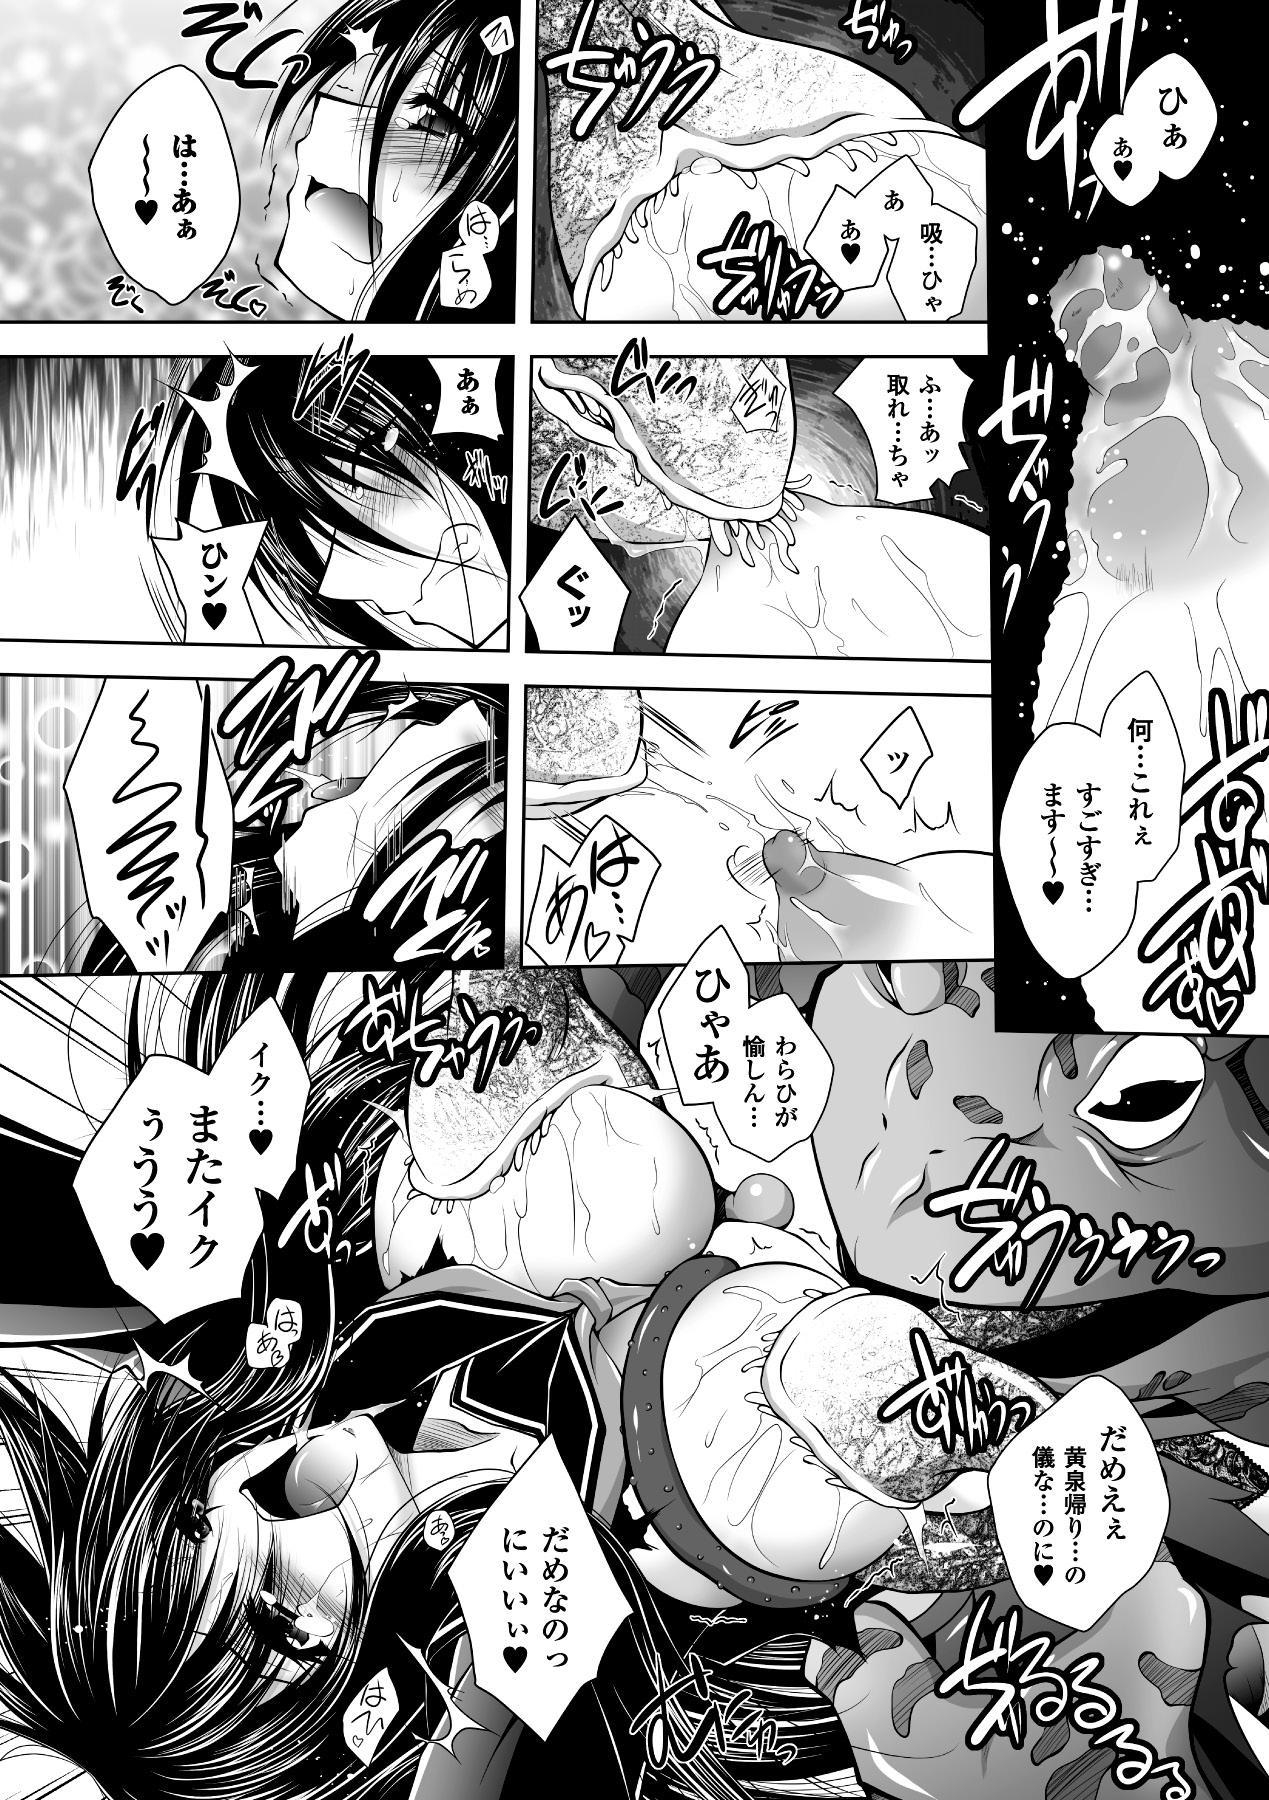 [Parfait] Mesu Inu no Tooboe ~Injyoku Elegy~ - The Howling Of A Bitch [Digital] 139